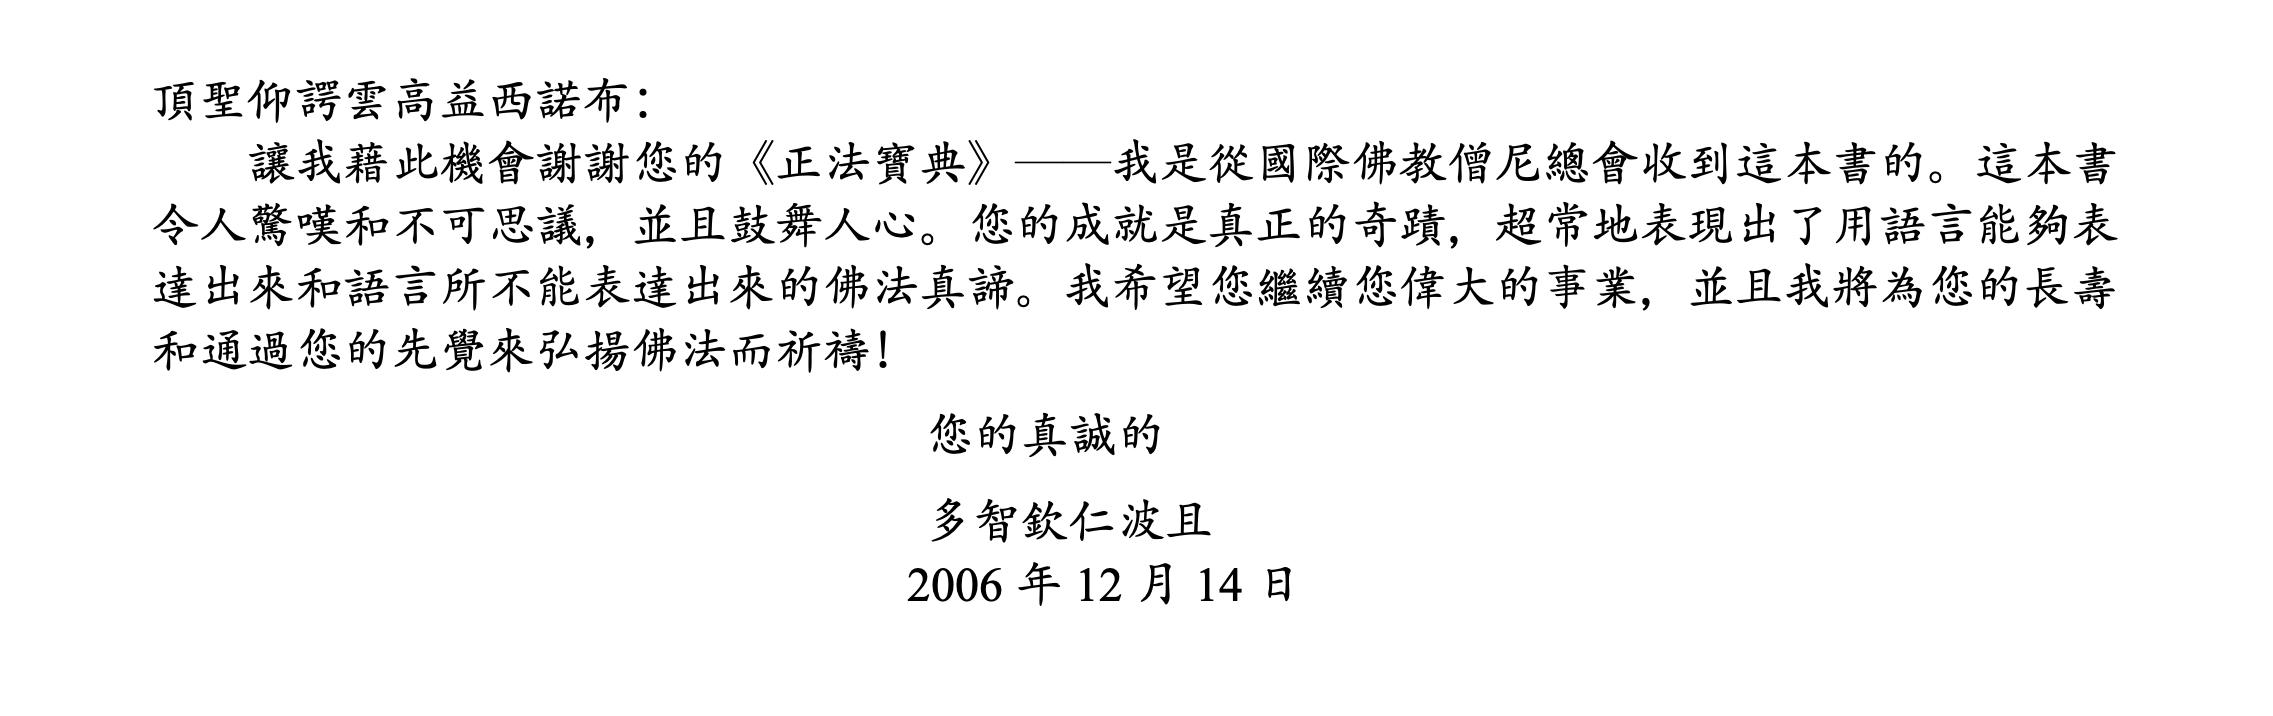 多智欽法王寫給南無第三世多杰羌佛的祝賀信(中文翻譯)